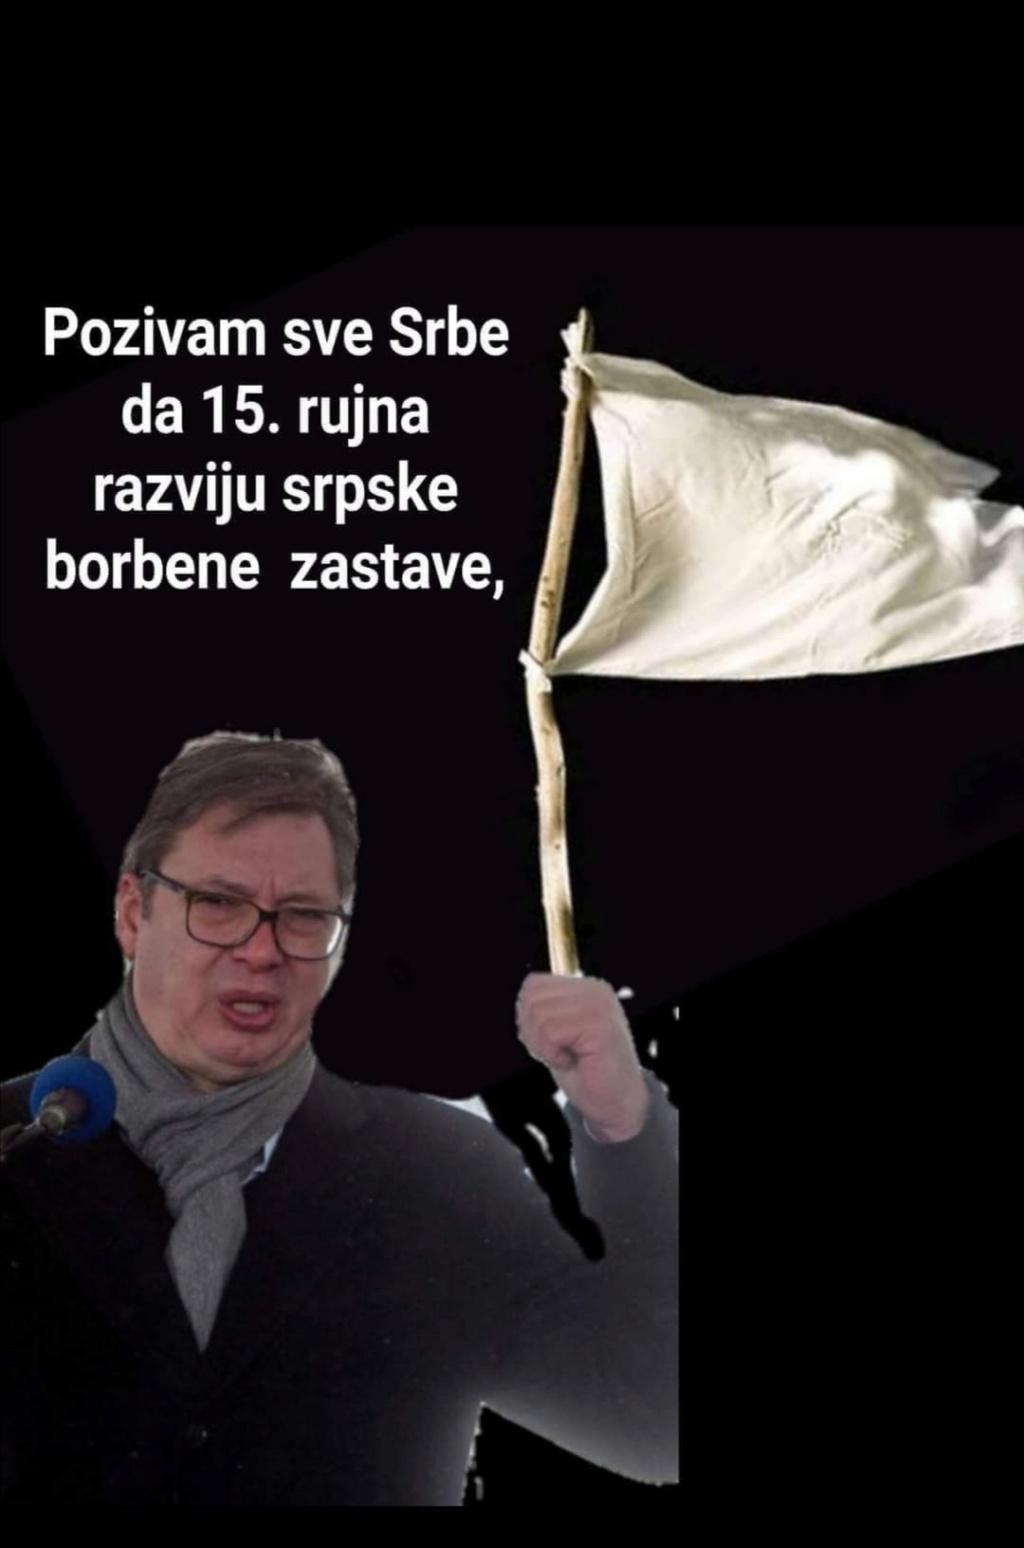 Pupovac sazvao presicu o zastavama : Mi ćemo mahat zastavama i ne zanima nas šta vi mislite o tome. - Page 2 Screen26